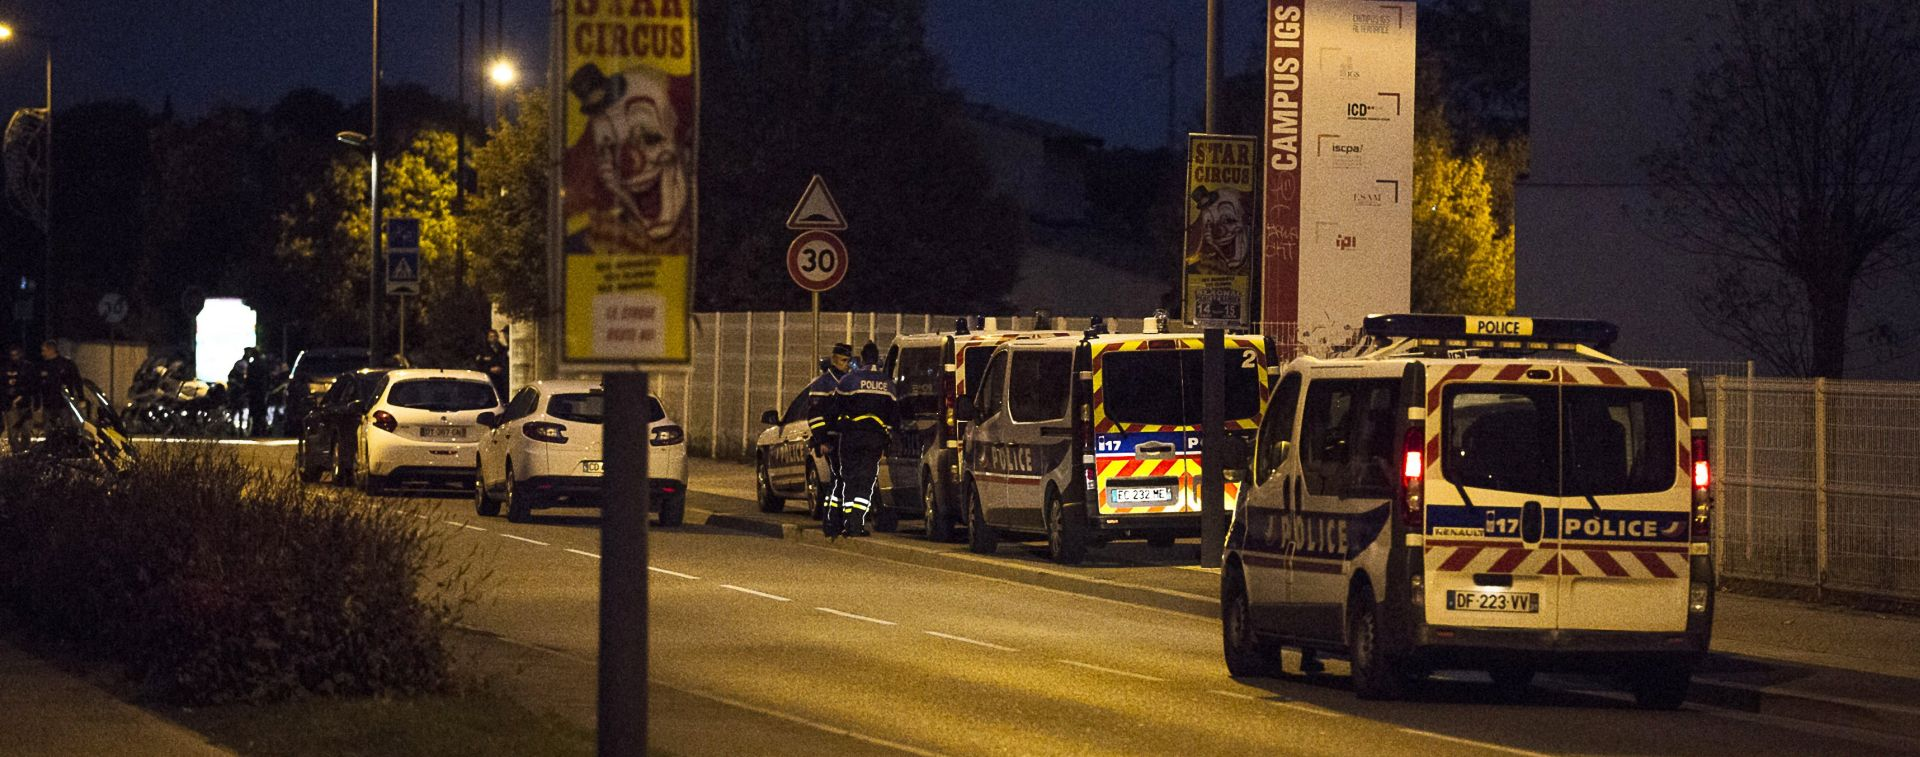 FRANCUSKA Policajac ubio tri osobe, ranio još tri, pa izvršio samoubojstvo